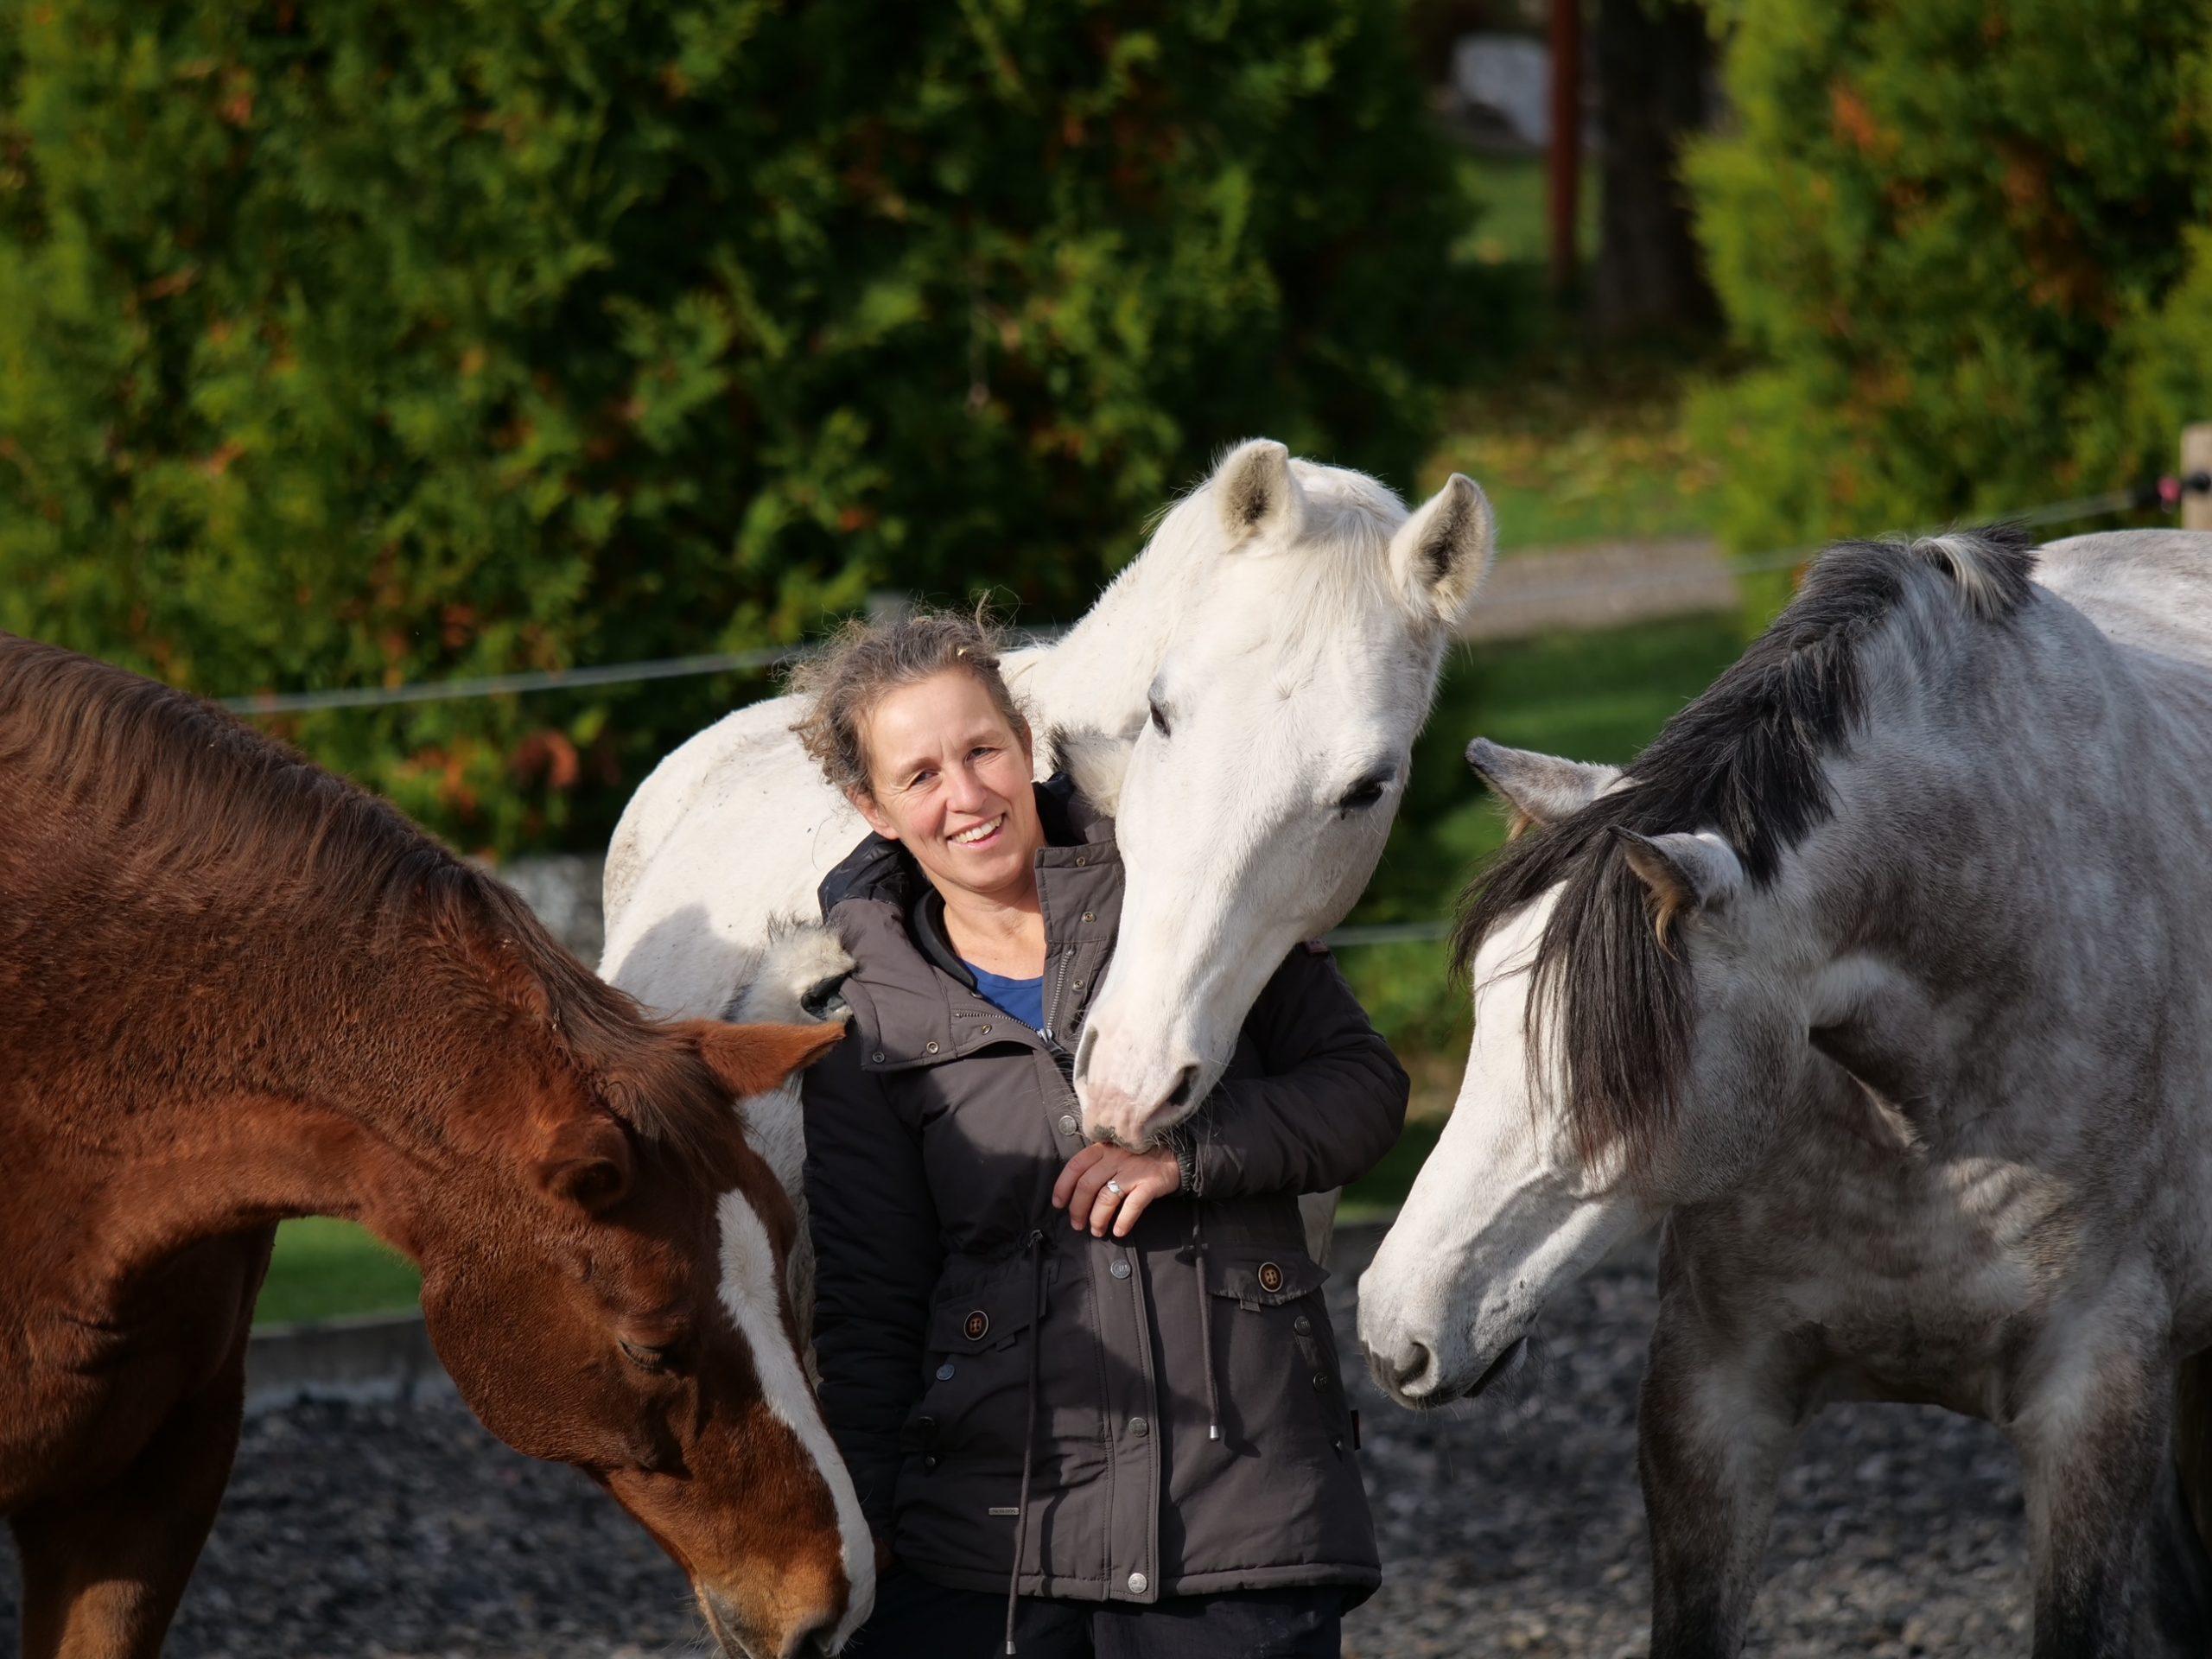 Dr. Ines Augele ist zertifizierter Horse Coach, Psycho- und Paartherapeutin sowie Ärztin